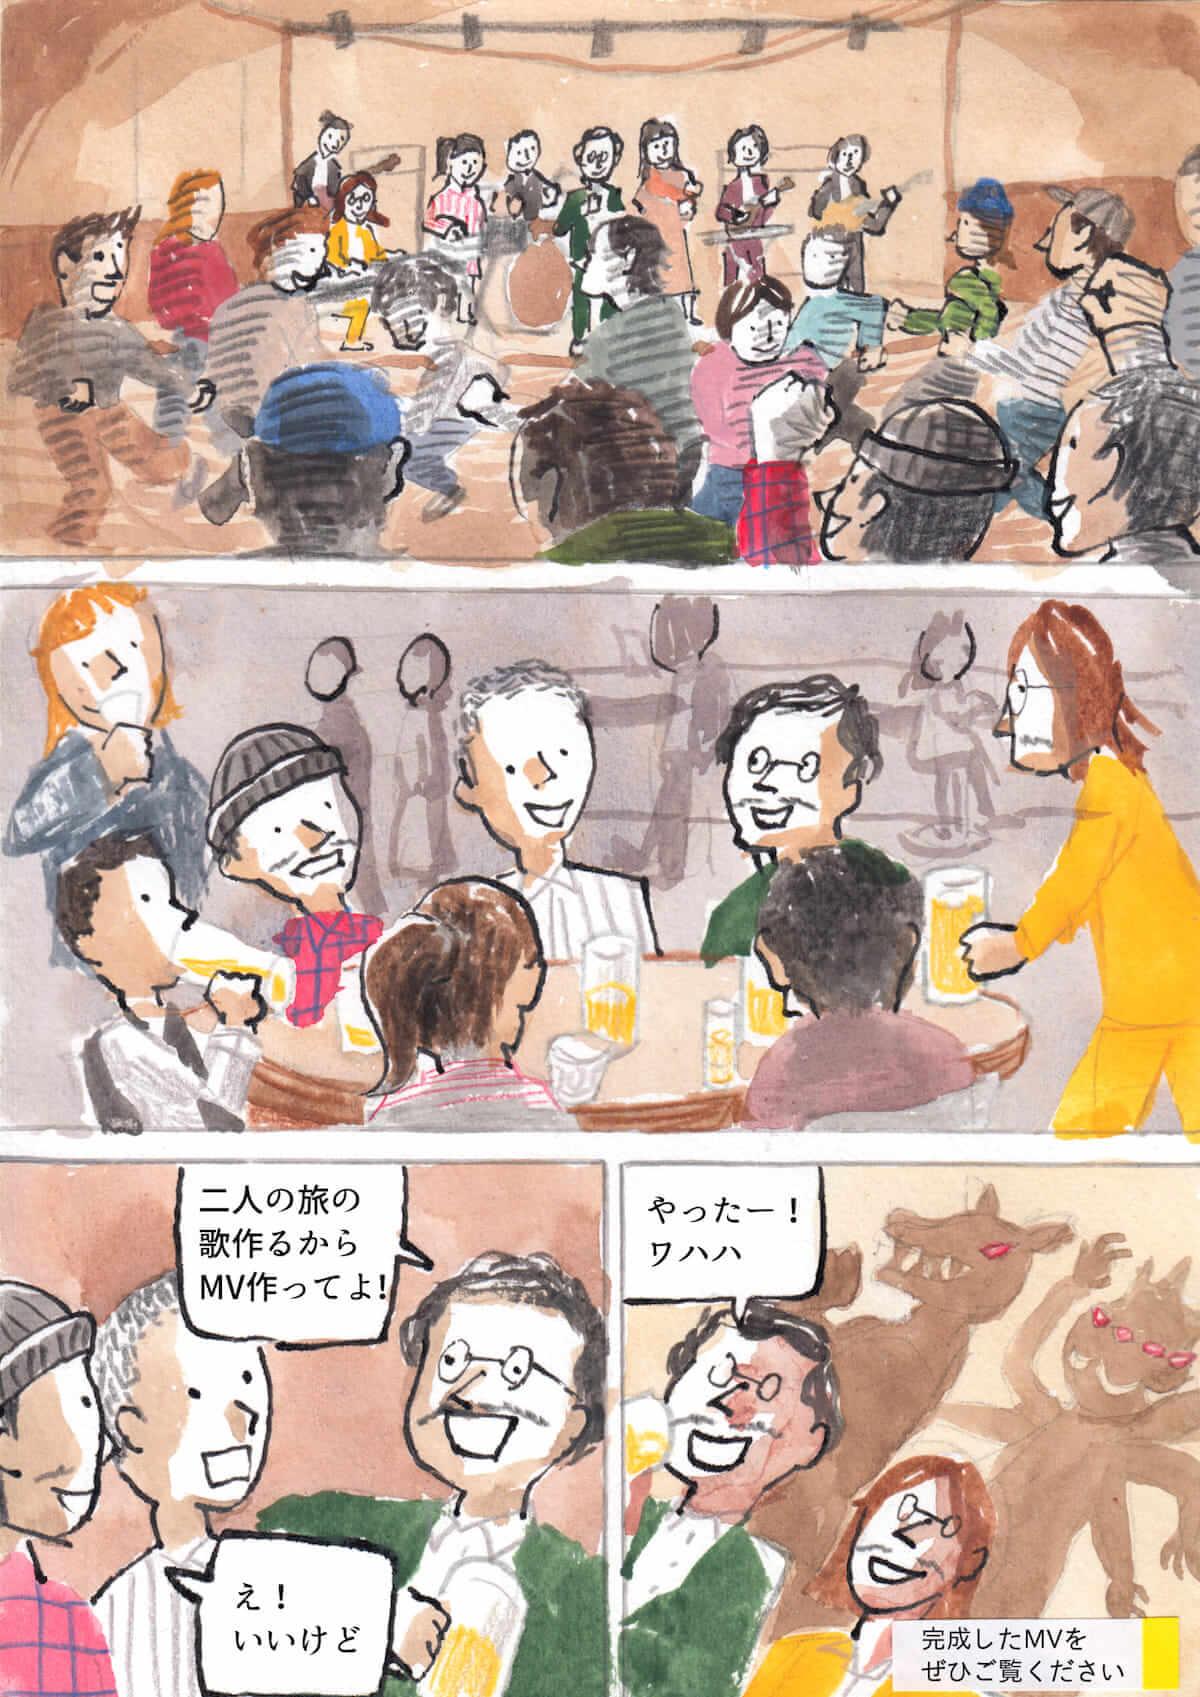 【あのMVを漫画で描く】クマに鈴/Ghost Town ongakuwomangade-6_4-1200x1697